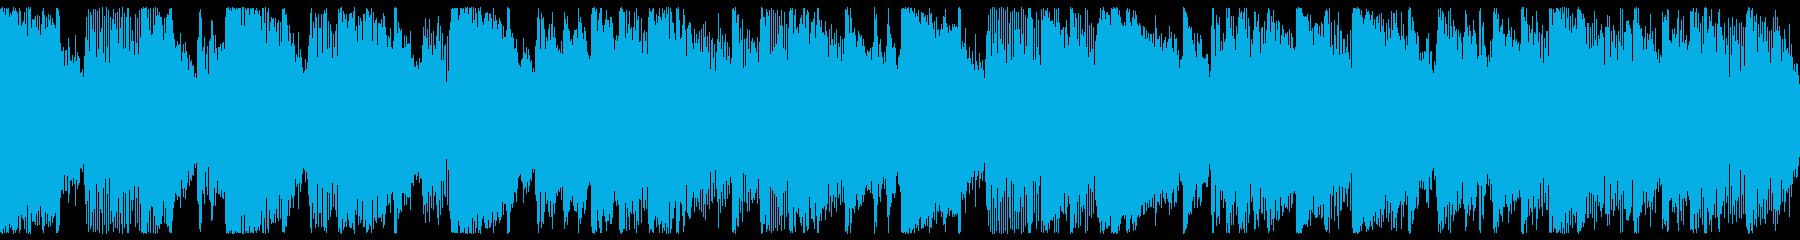 ジャズの影響を受けたモダンサウンドの再生済みの波形